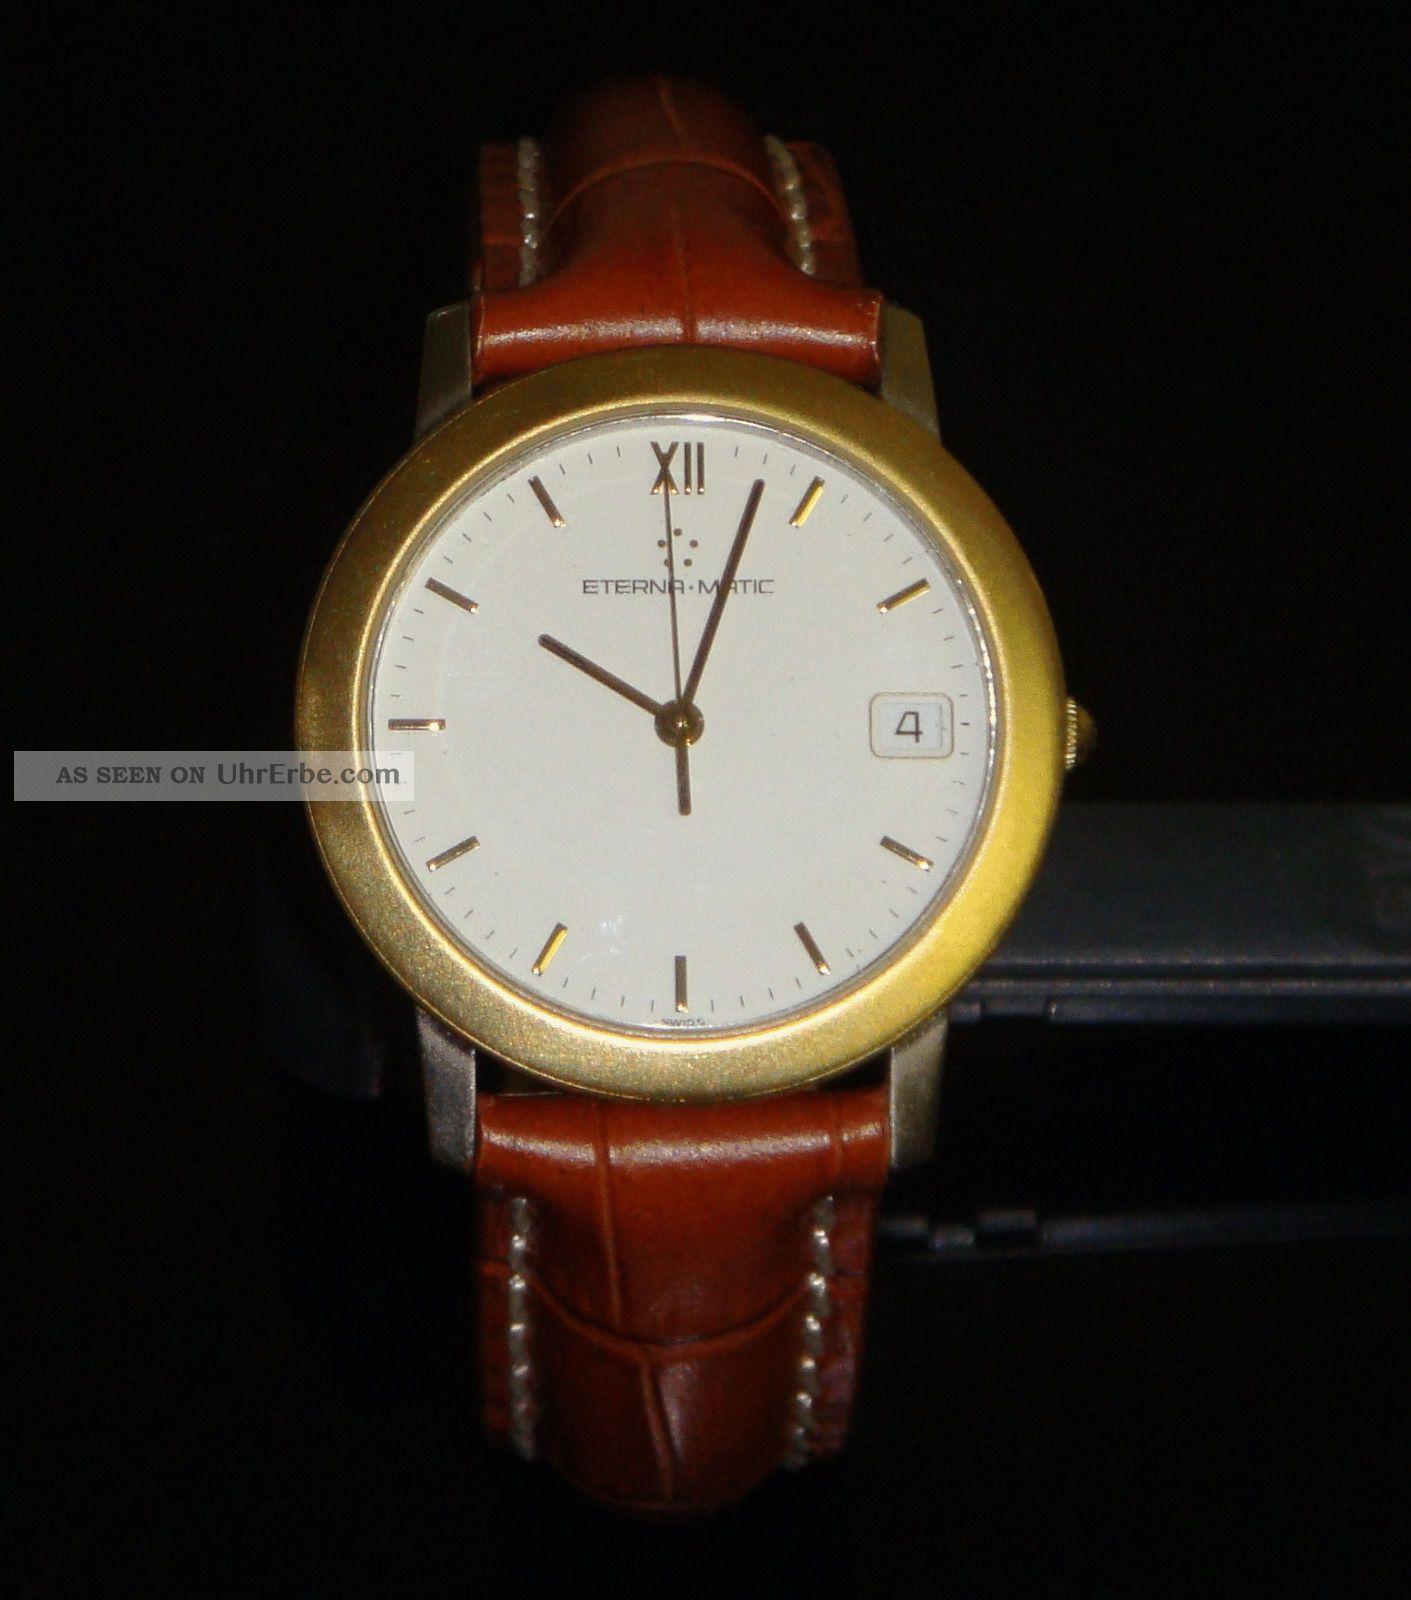 Eterna Matic Armbanduhr 1856 Edelstahl Mit Goldlünette Armbanduhren Bild